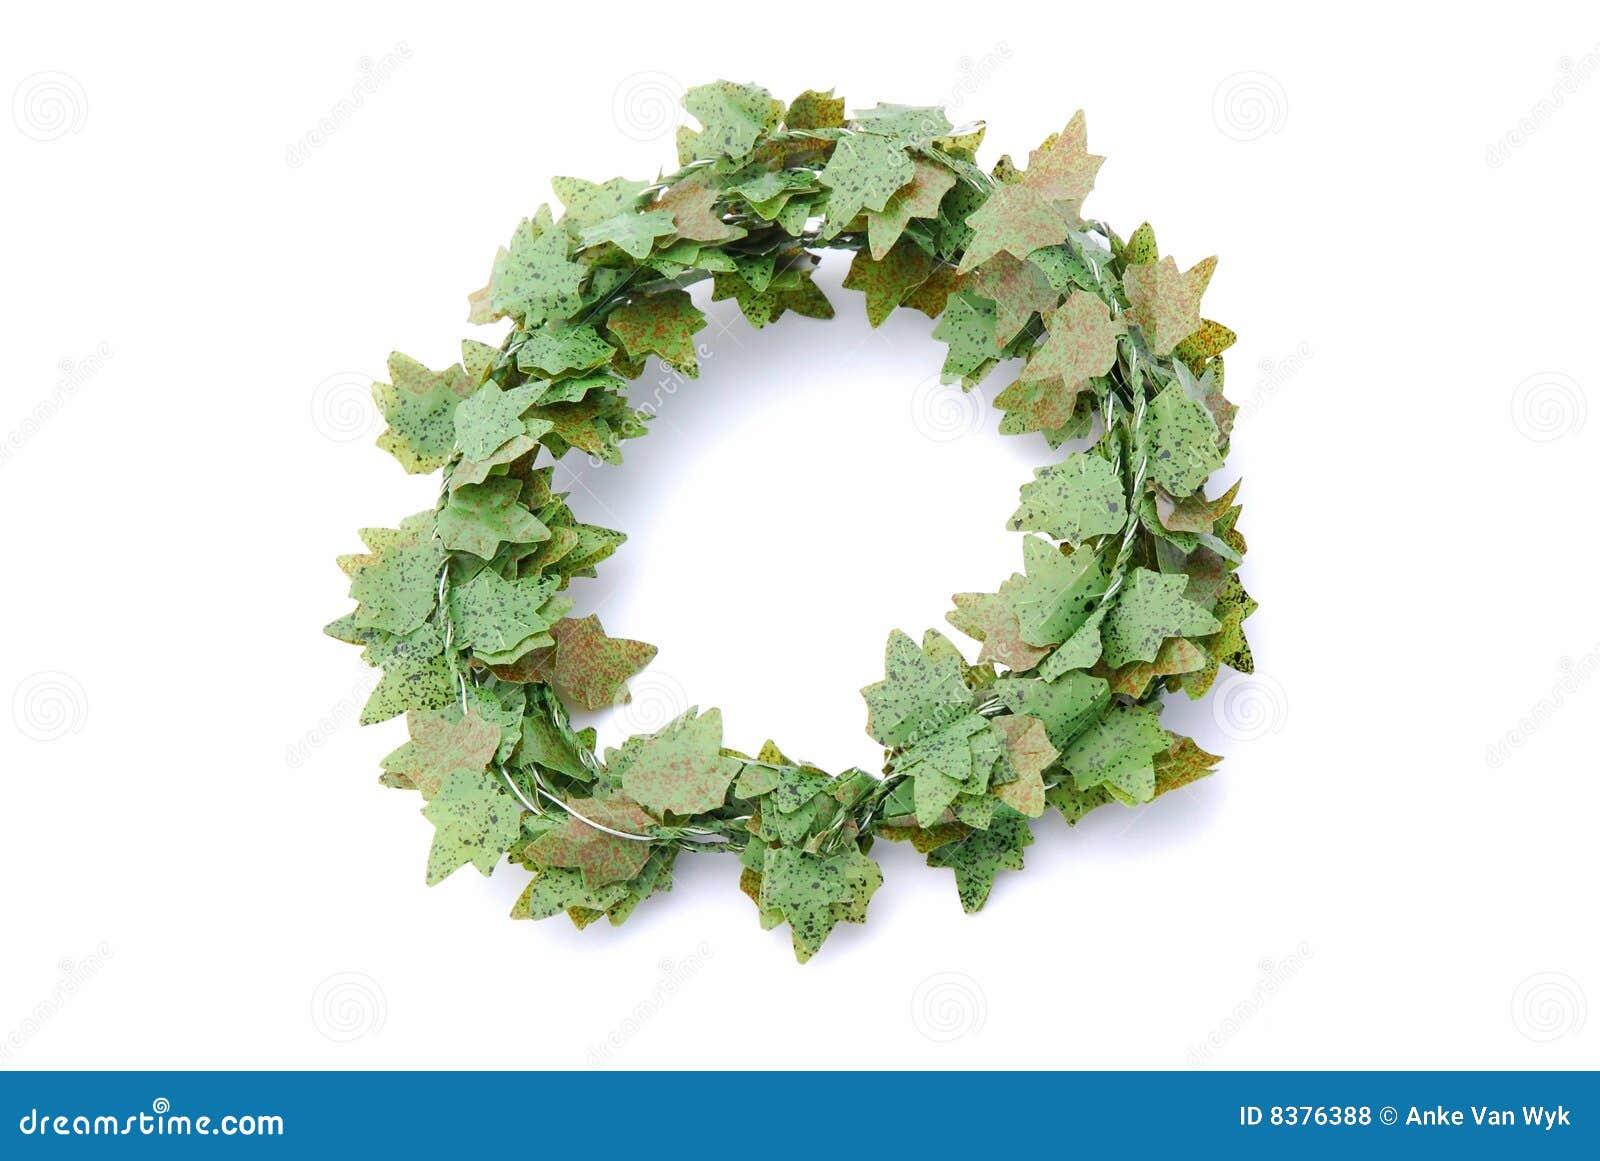 efeu wreath stockfoto. bild von noch, künstlich, englisch - 8376388